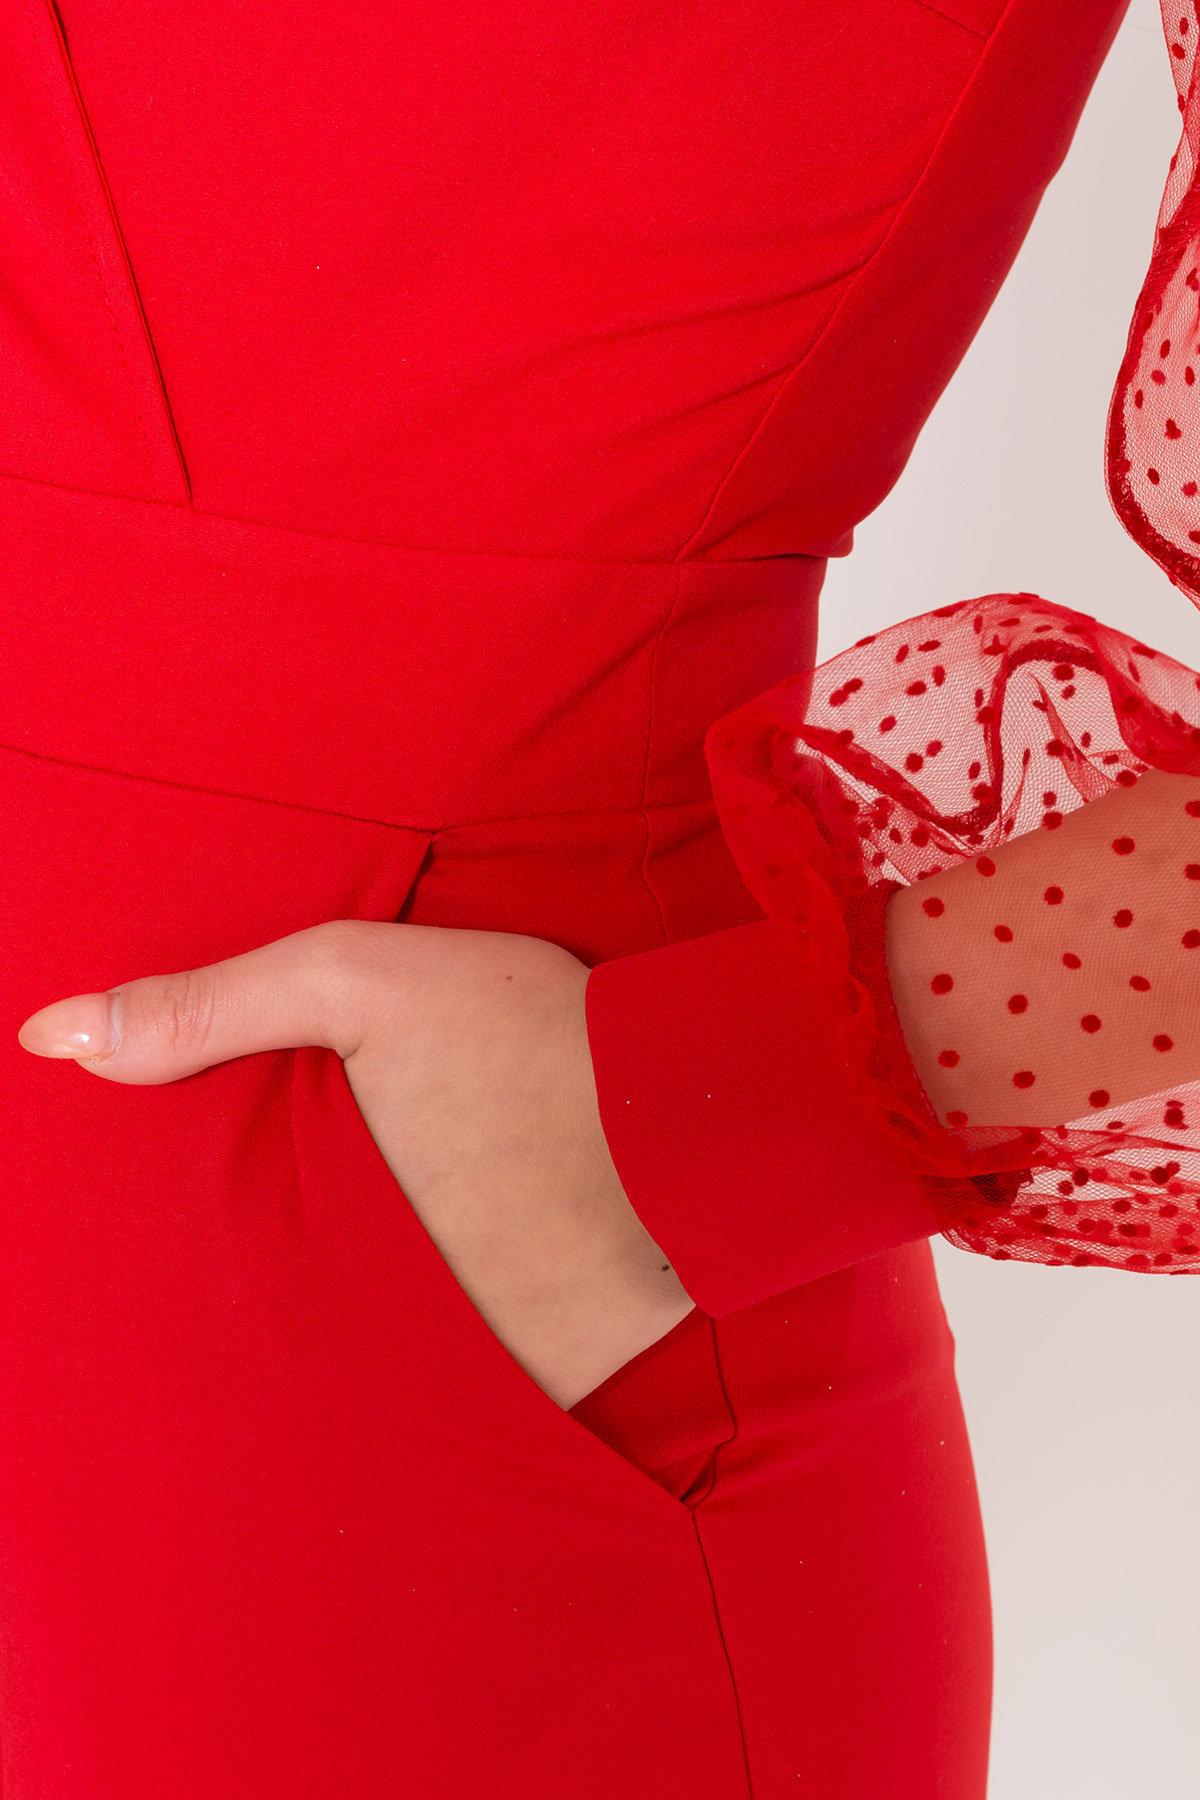 Стильный красный комбинезон с шортами Набель 8565 АРТ. 44880 Цвет: Красный - фото 7, интернет магазин tm-modus.ru